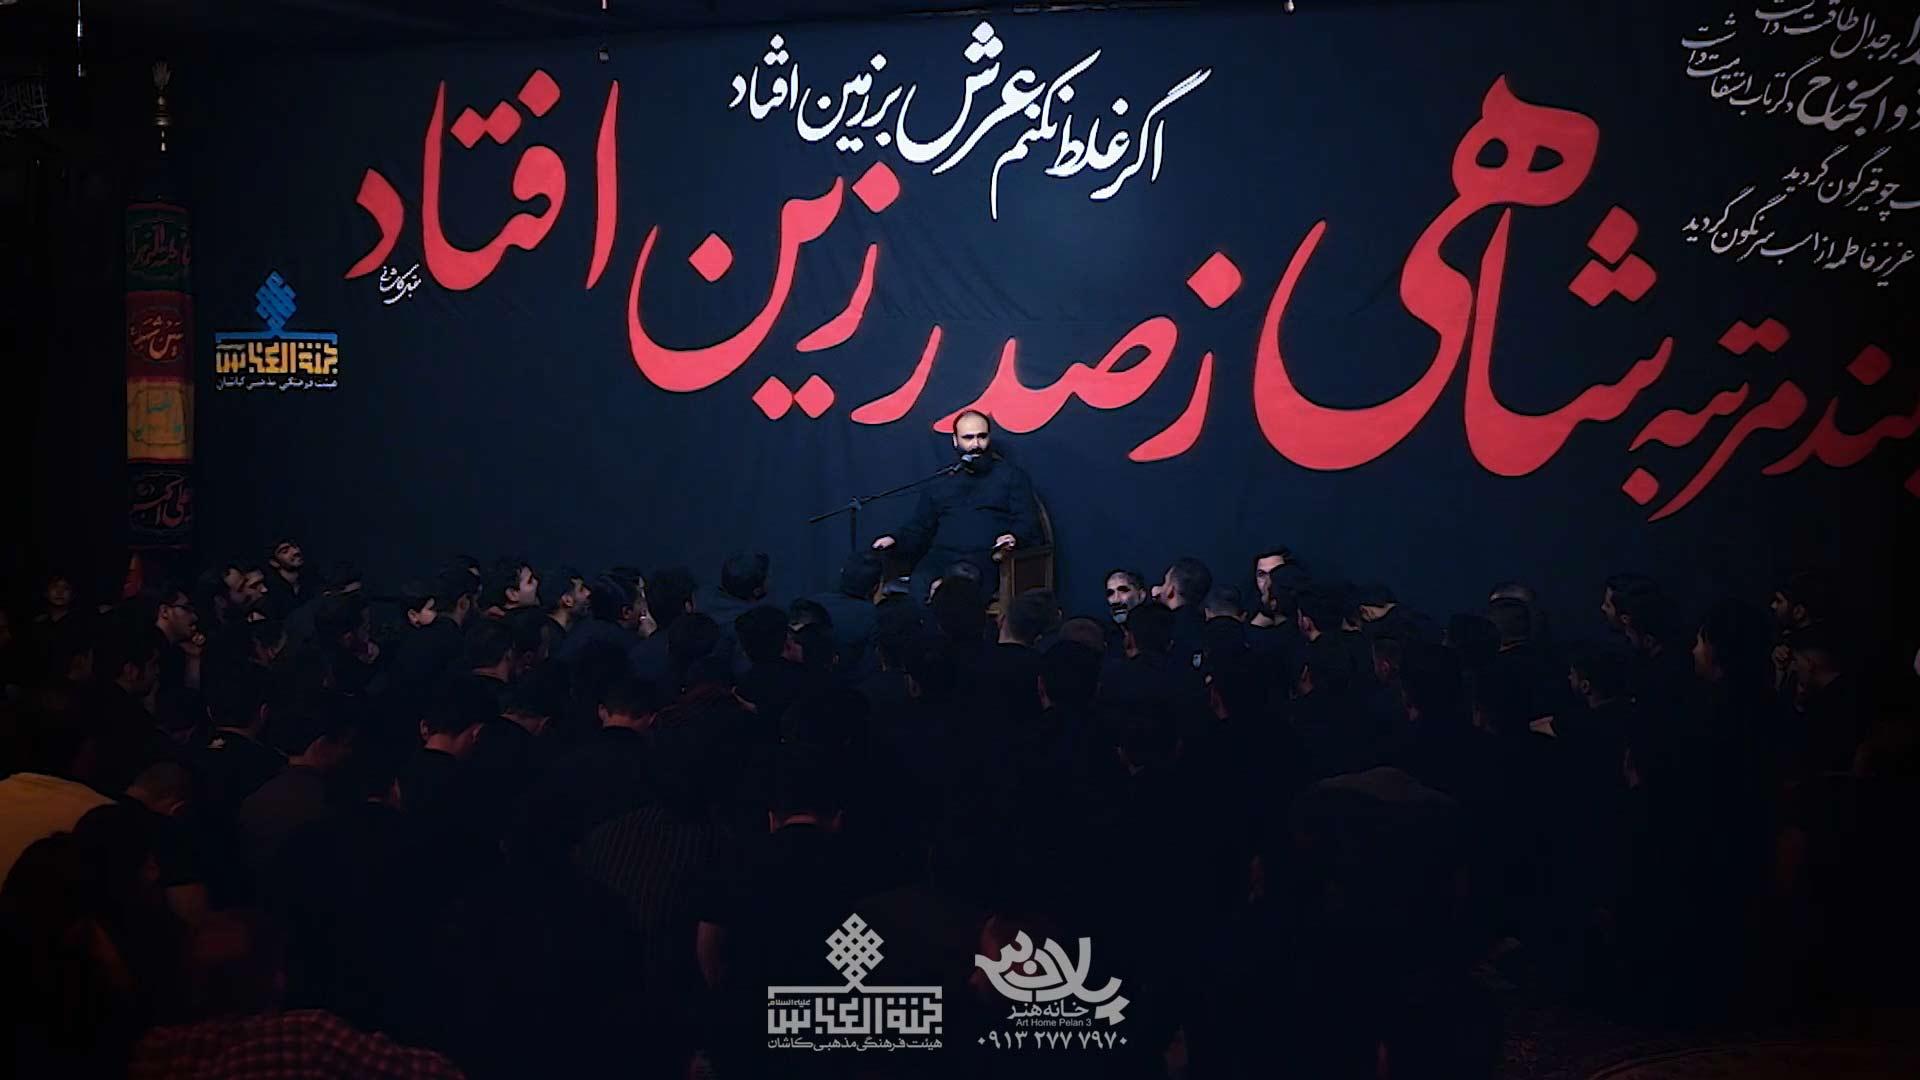 سلام شاه بی کفن مهدی آینه